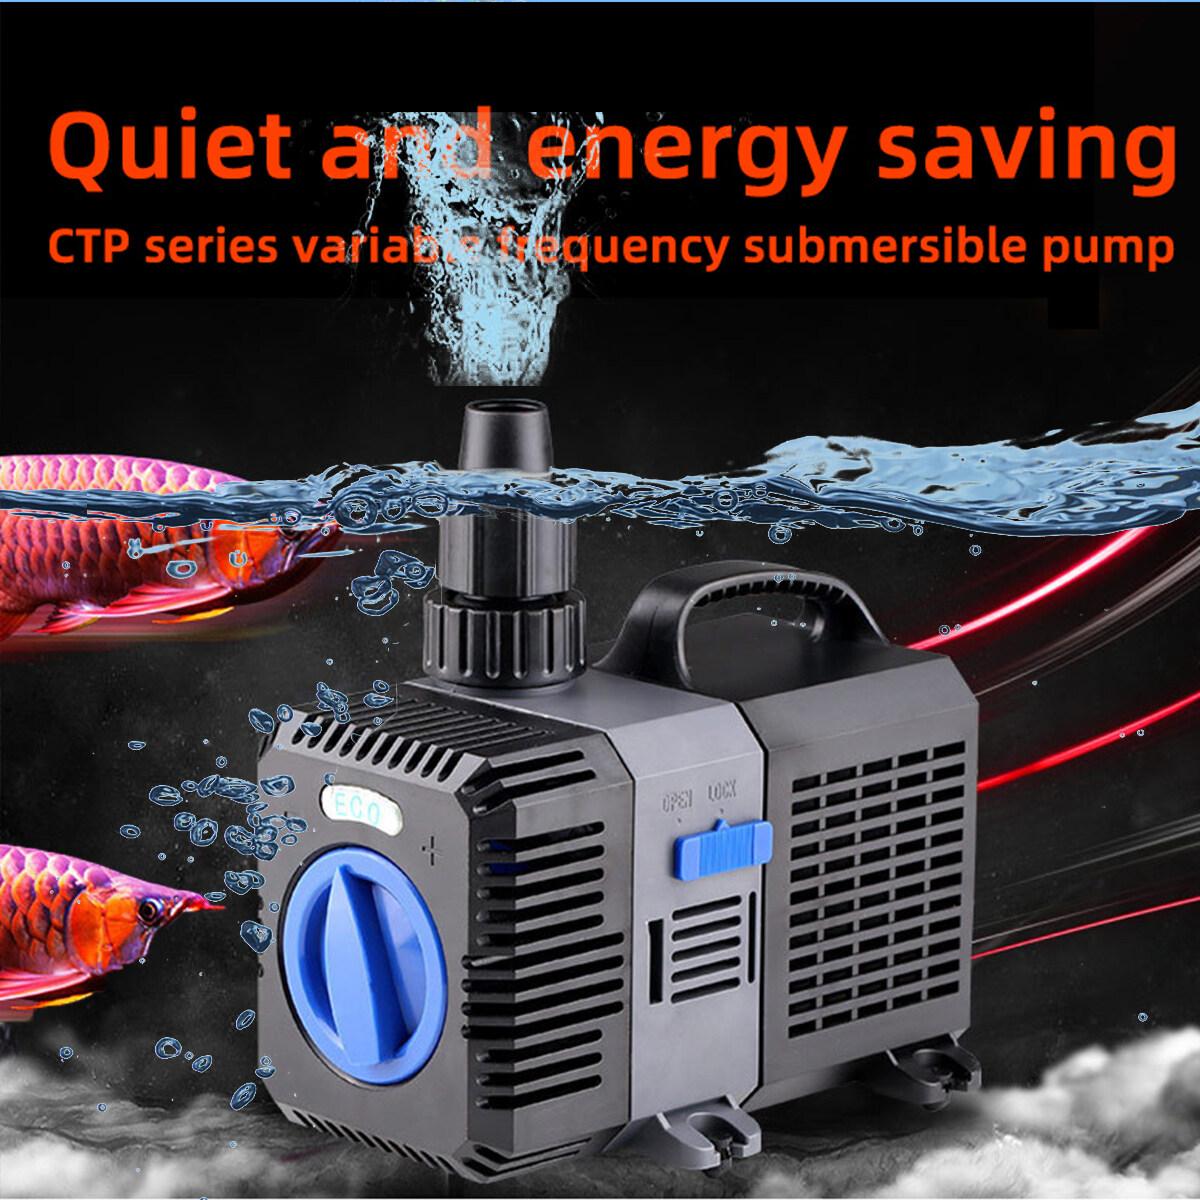 ปั้มน้ำ GRECH ประหยัดไฟ รุ่น CTP - 3800 ปั้มบ่อปลา ปั้มบ่อกุ้ง ปั้มน้ำตก ปั้มน้ำพุ อาหารปลา ปั้มลม